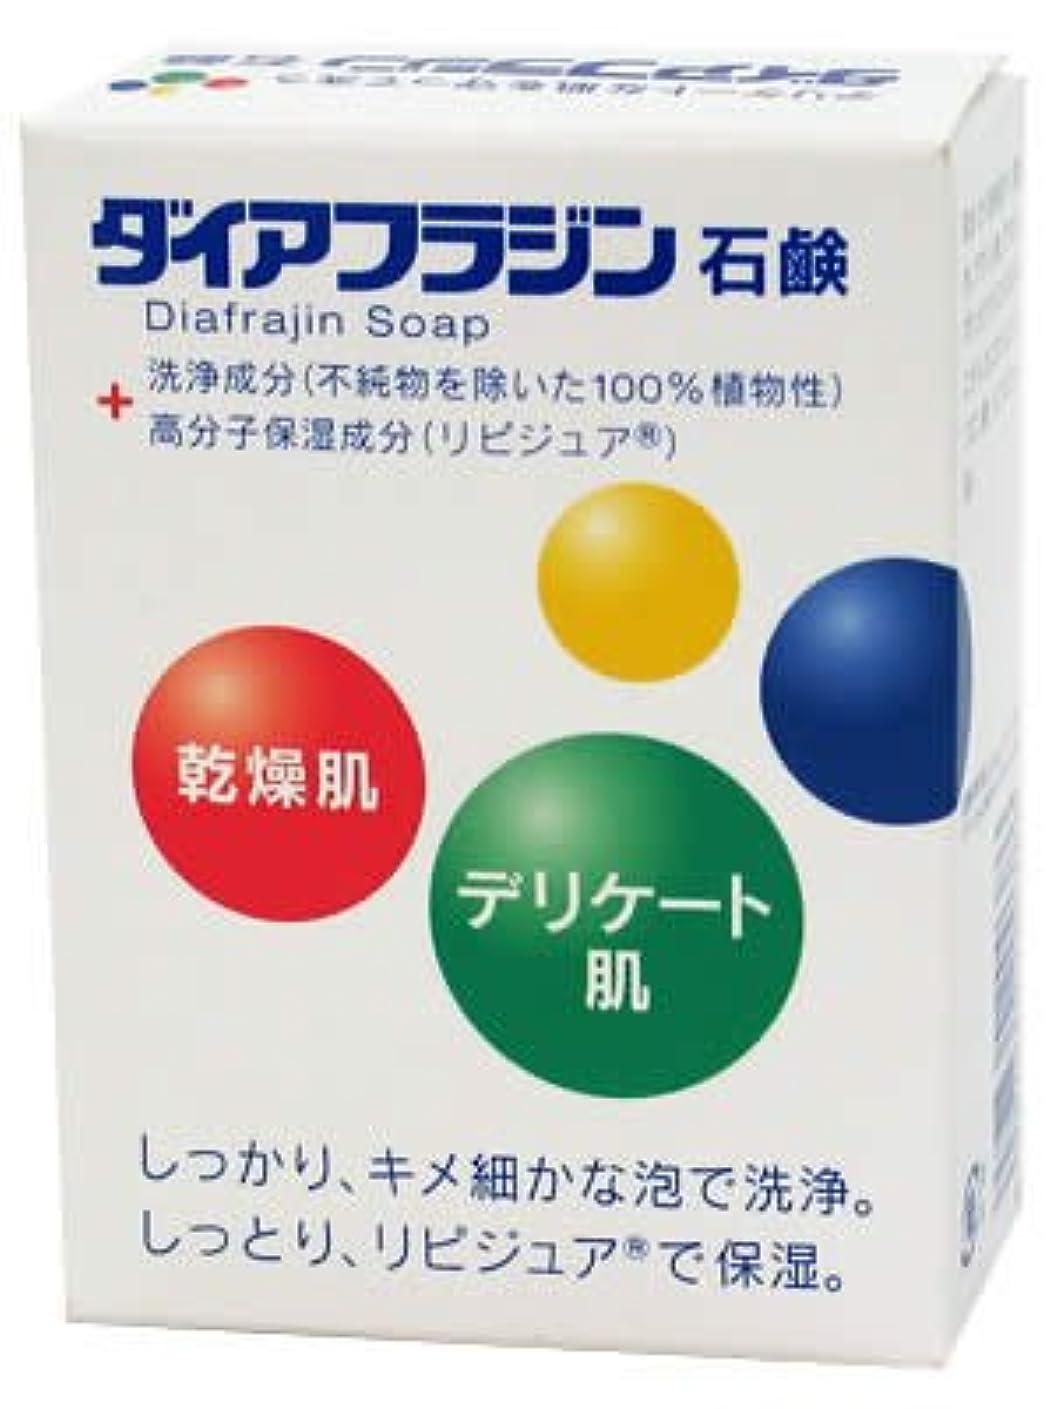 提供不可能なオゾンダイアフラジン石鹸 75g×1個入